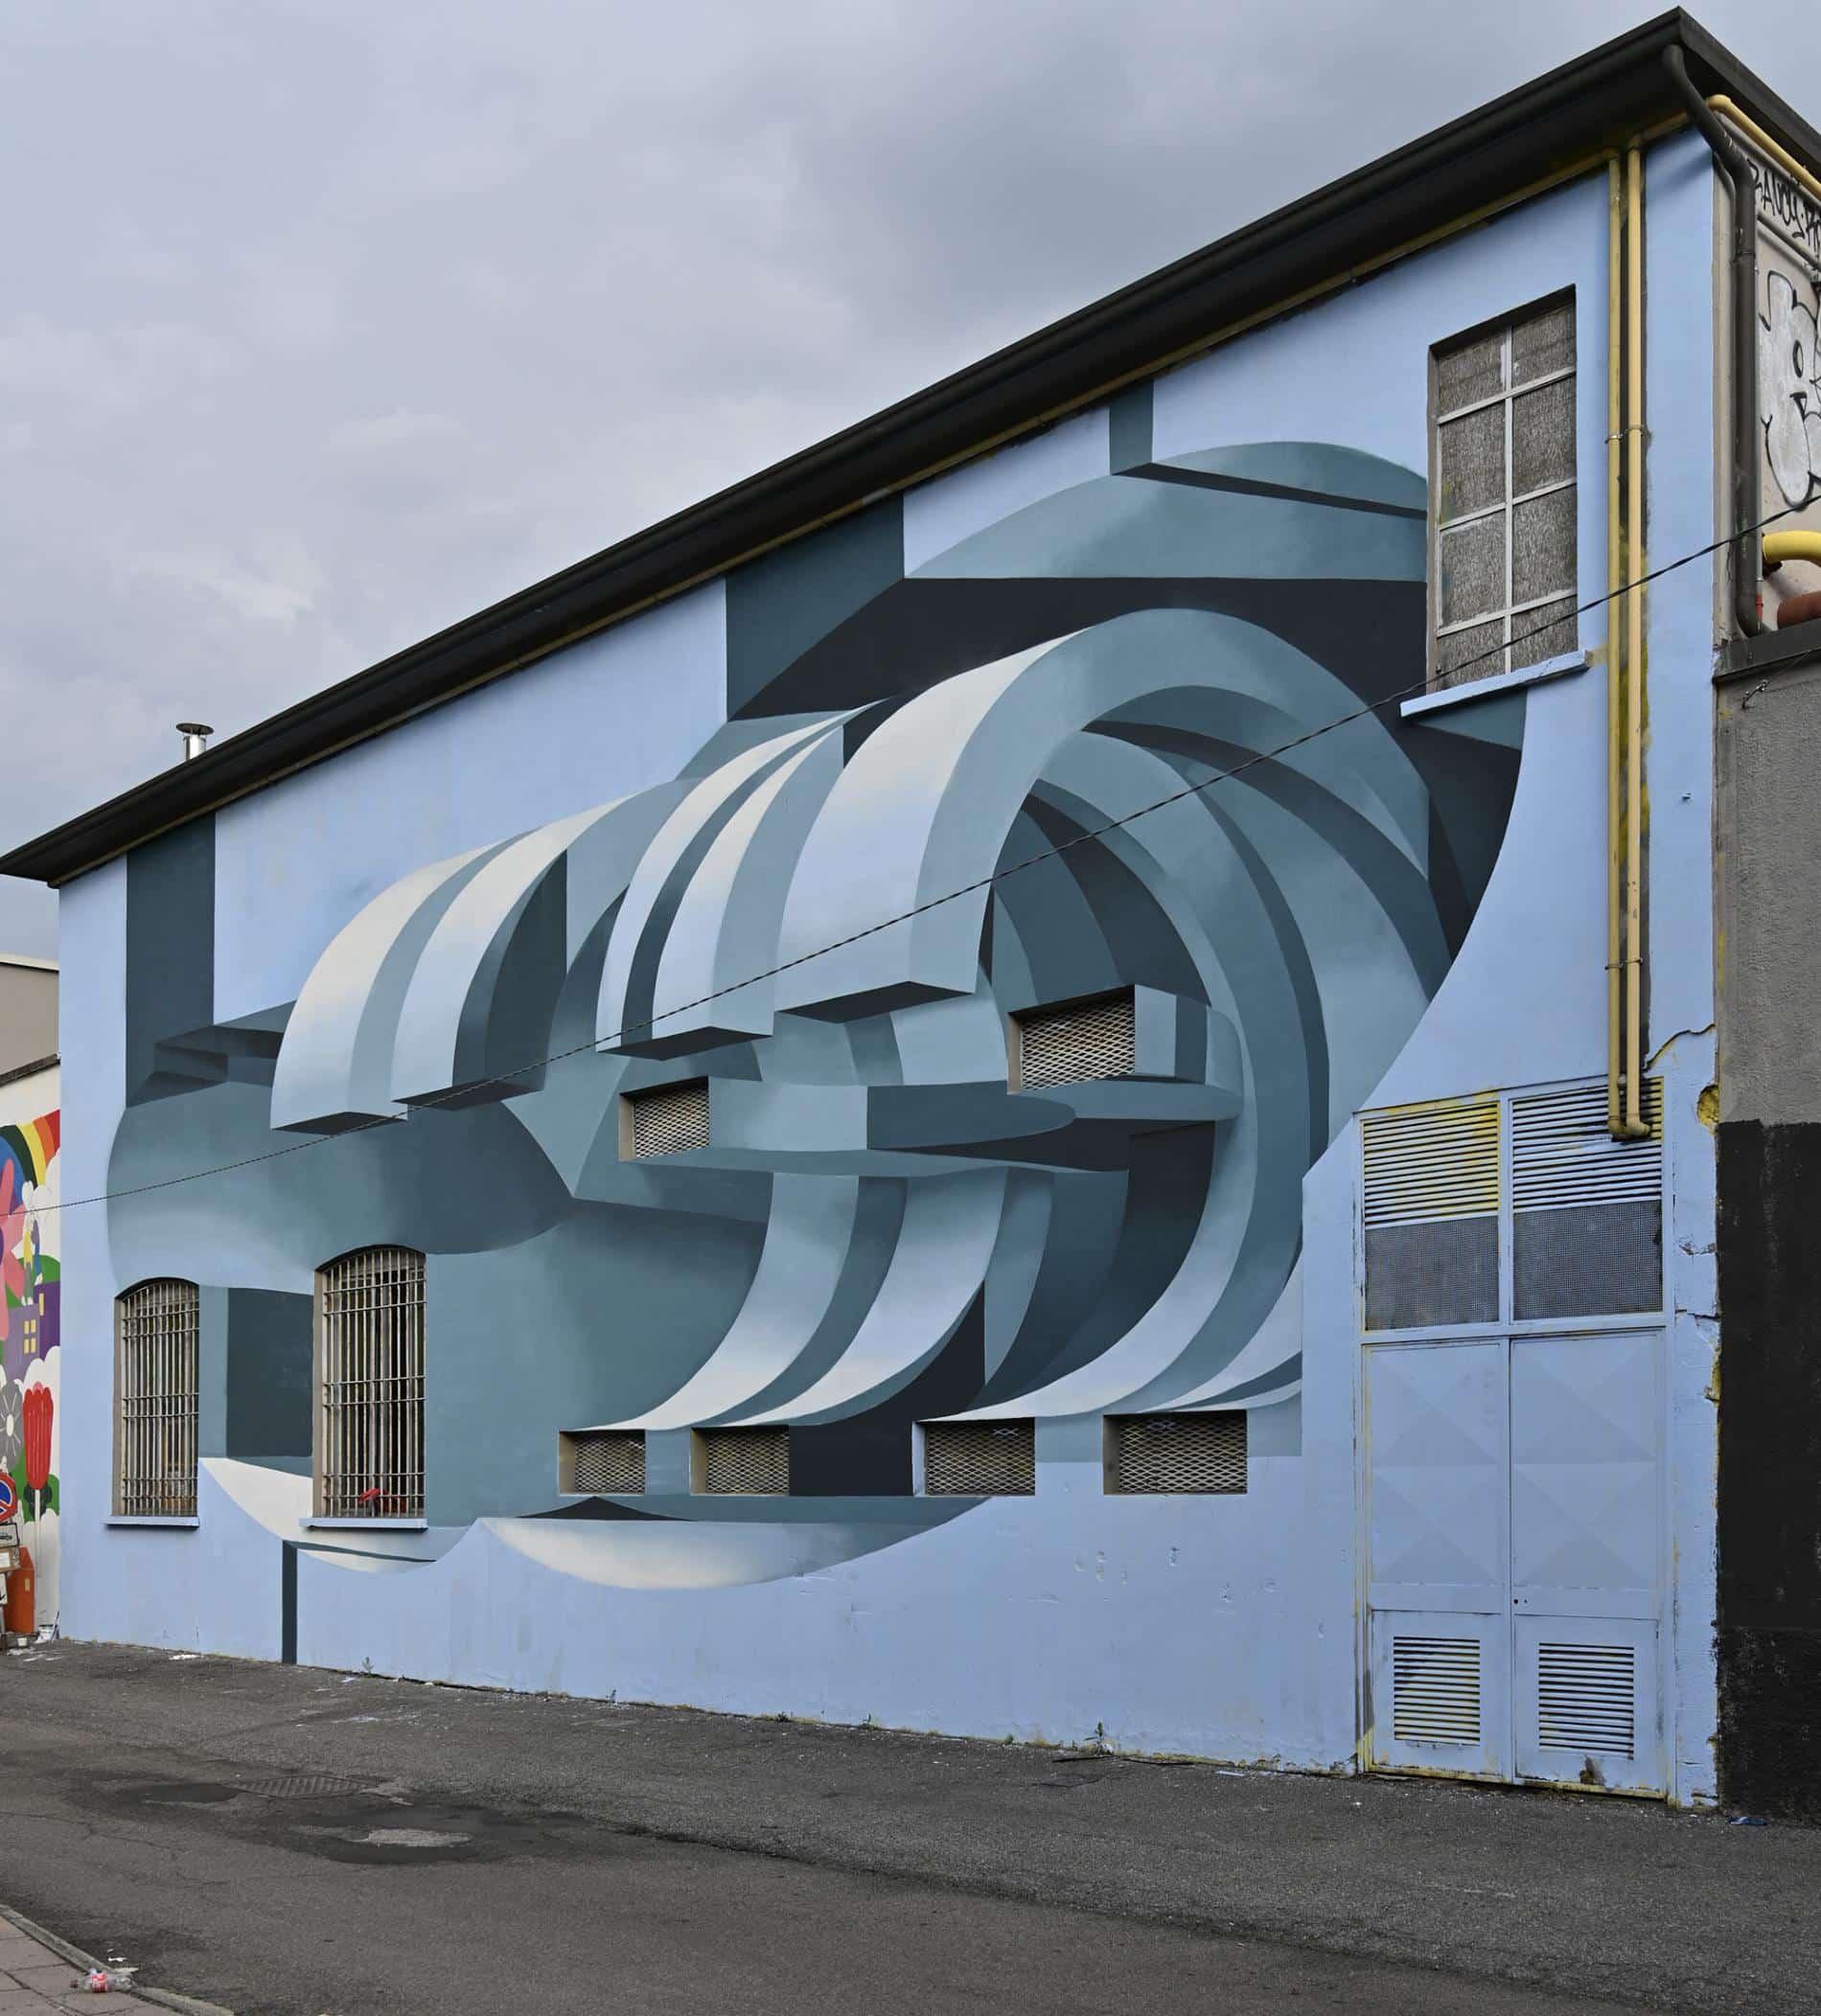 peeta murales tridimensionales